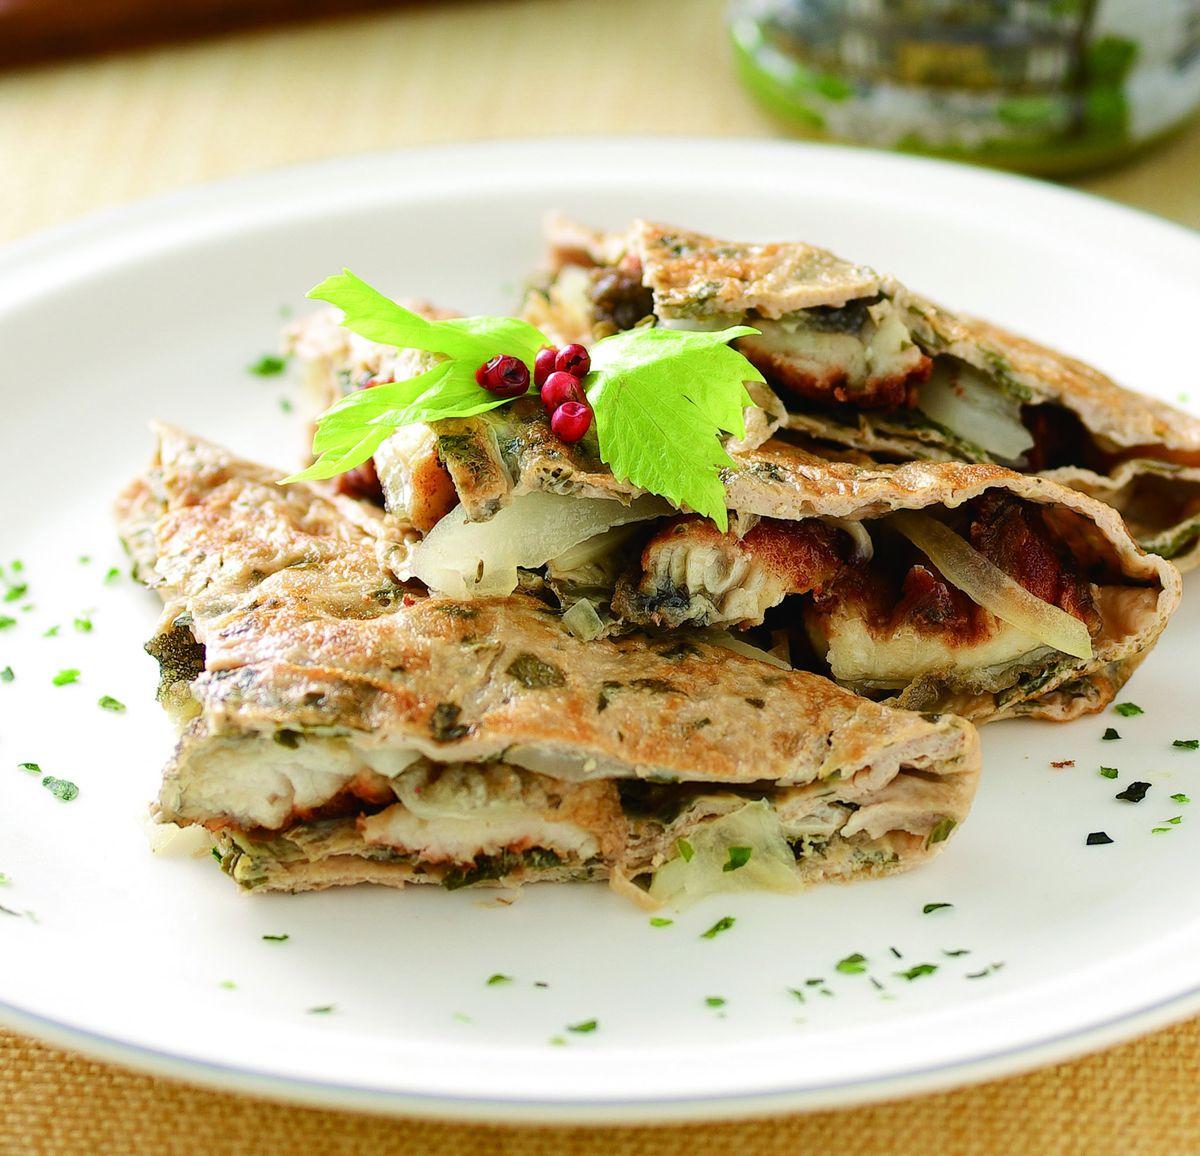 食譜:茶香鰻魚煎蛋燒